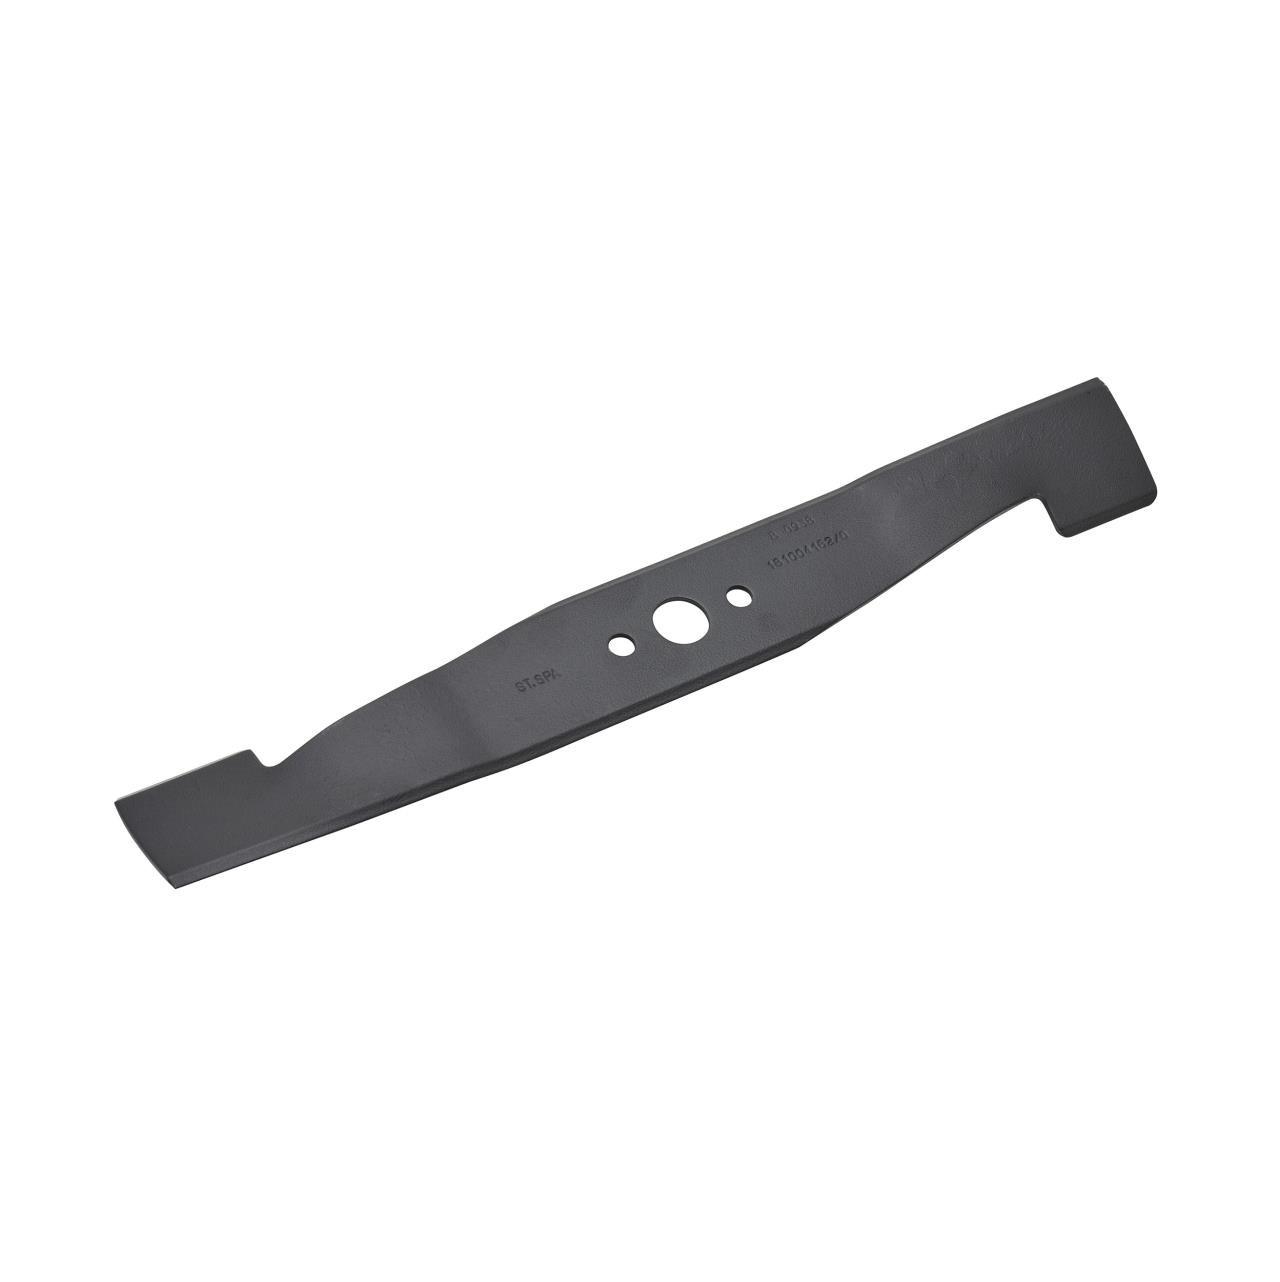 Stiga kniv, bl.a. Combi 40 AE